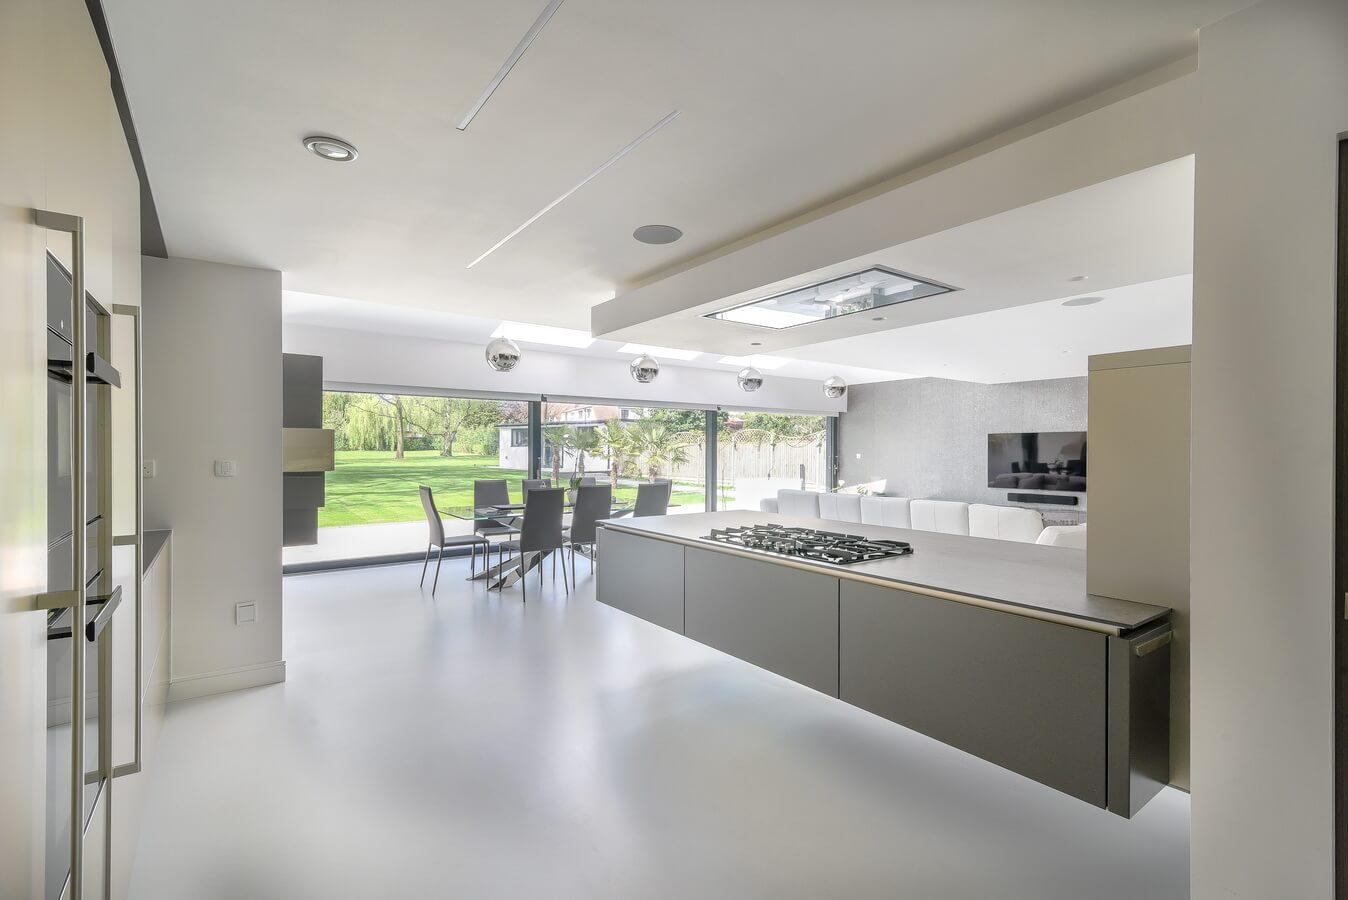 Warendorf-Kitchen-Floating-Peninsula-Pinner.jpg